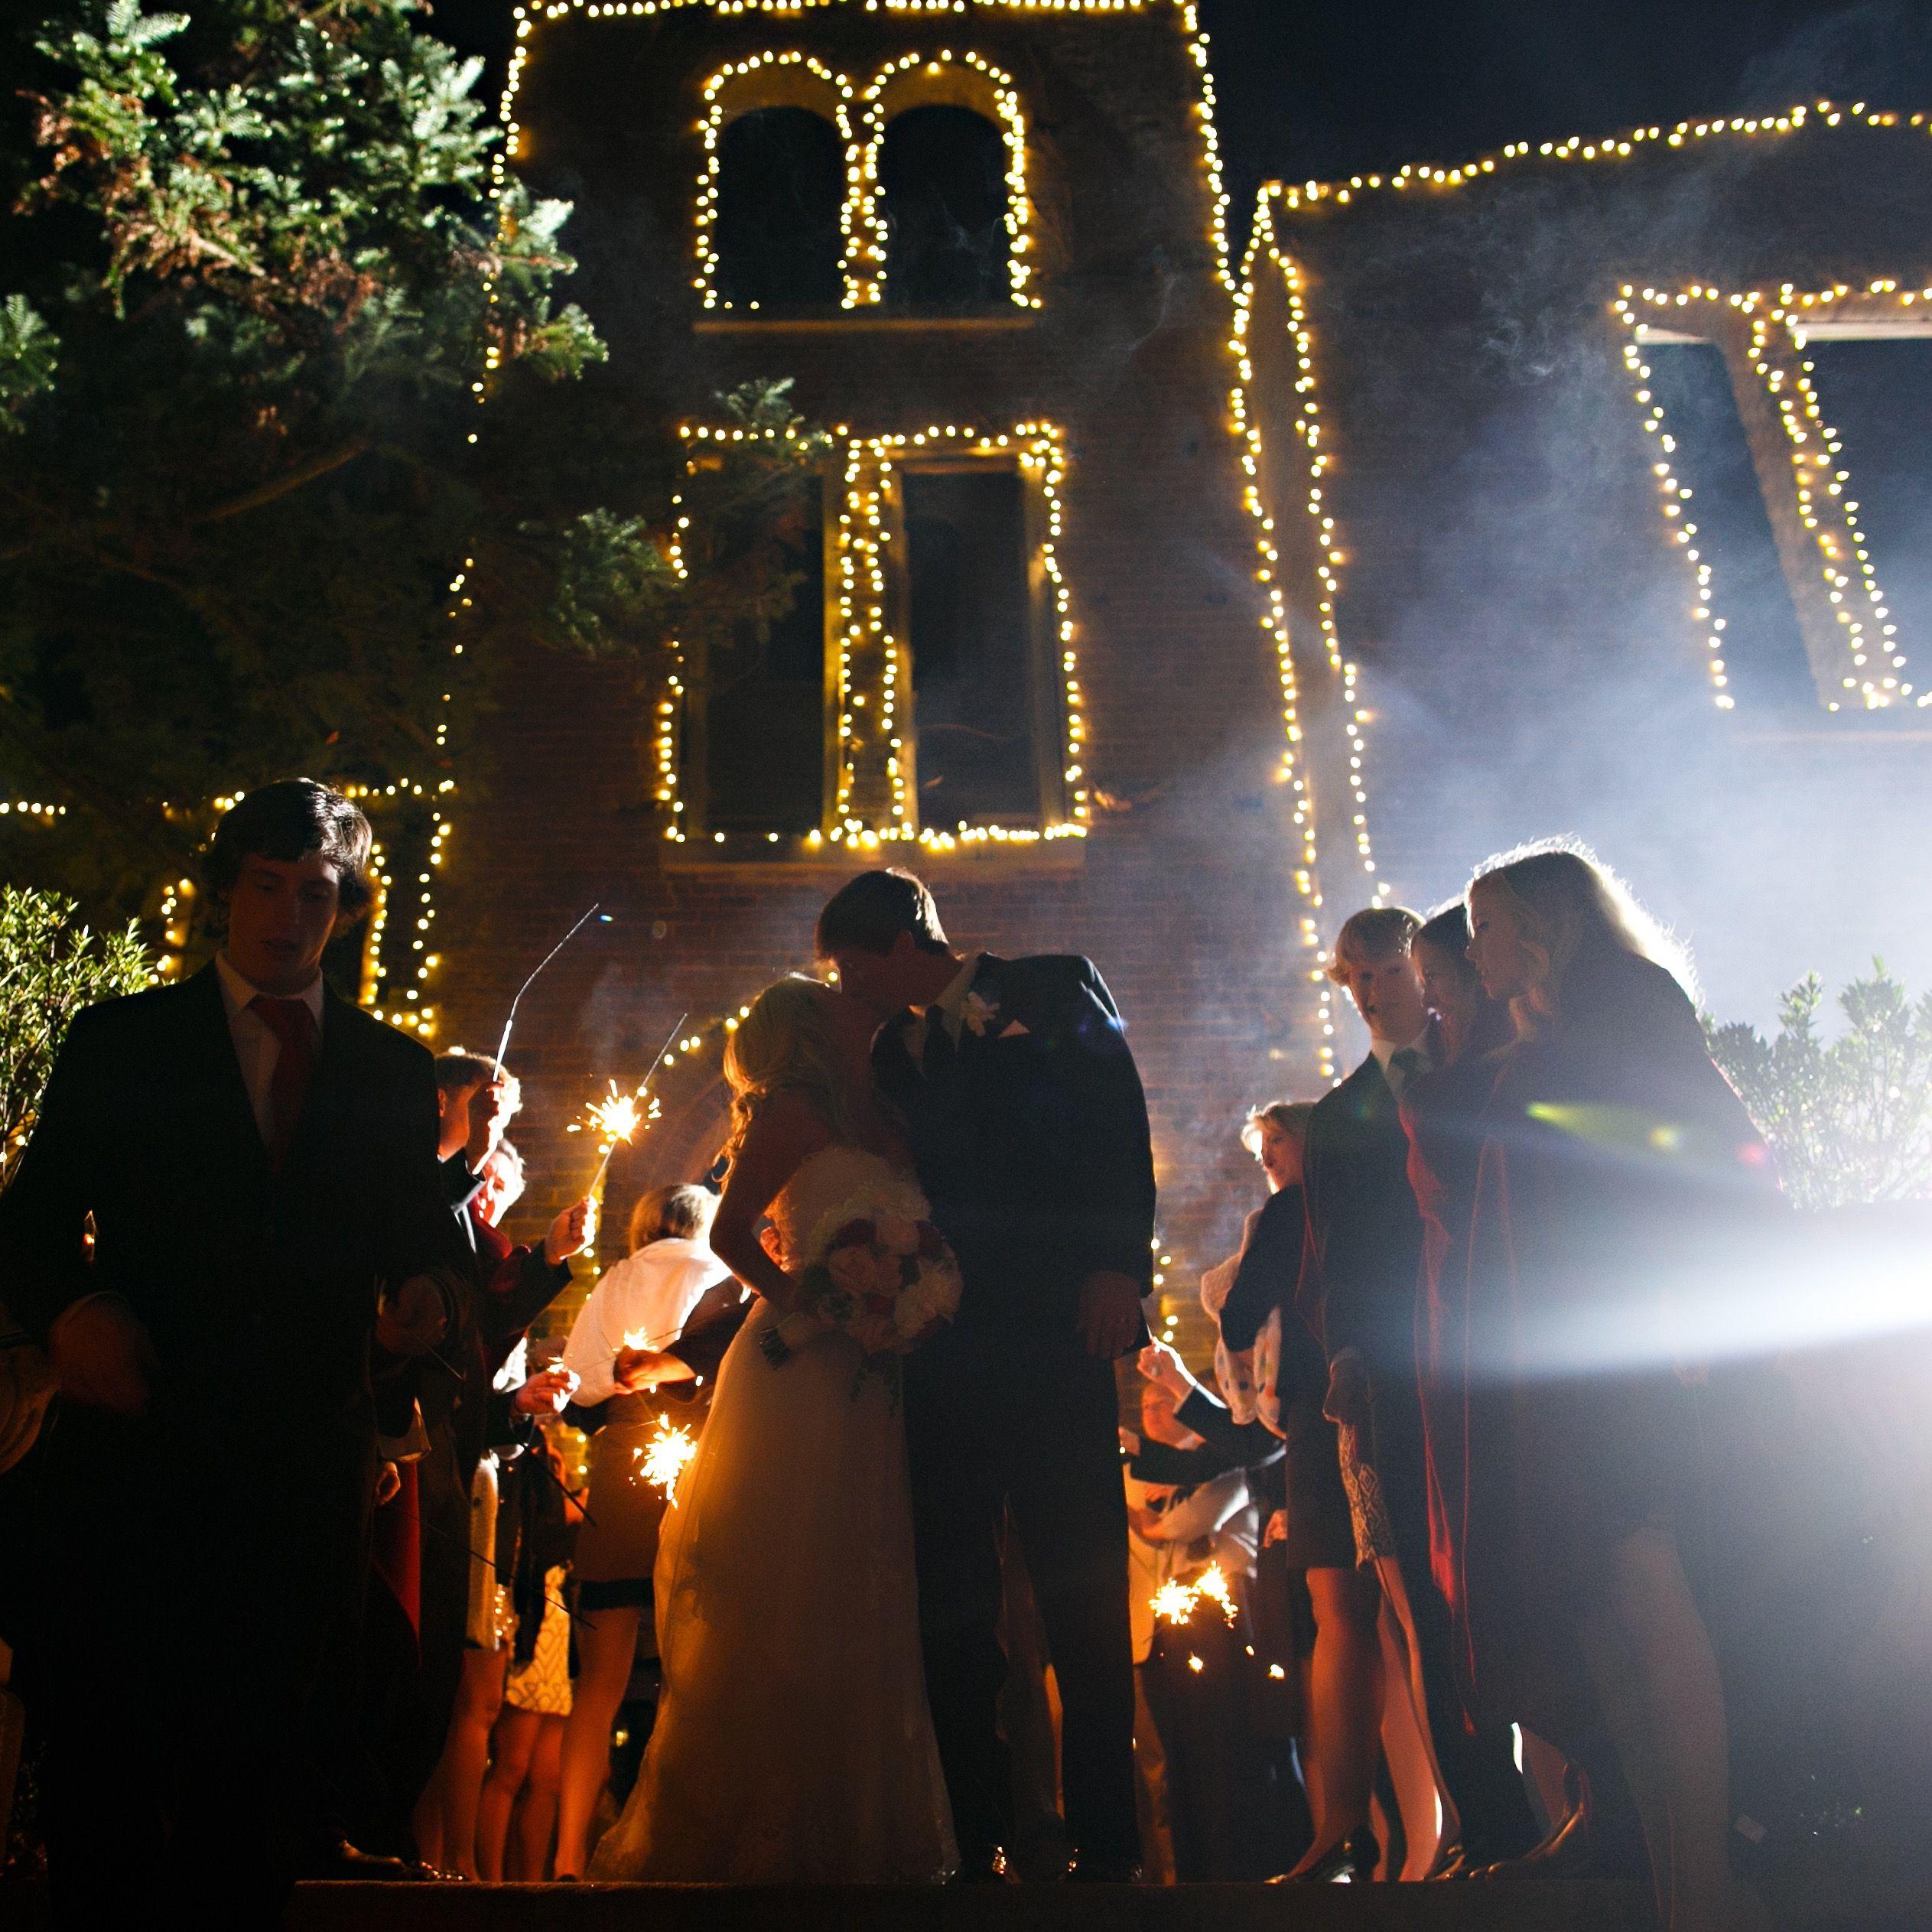 Barnsley Gardens Wedding Christmas lights on the ruins for reception ...